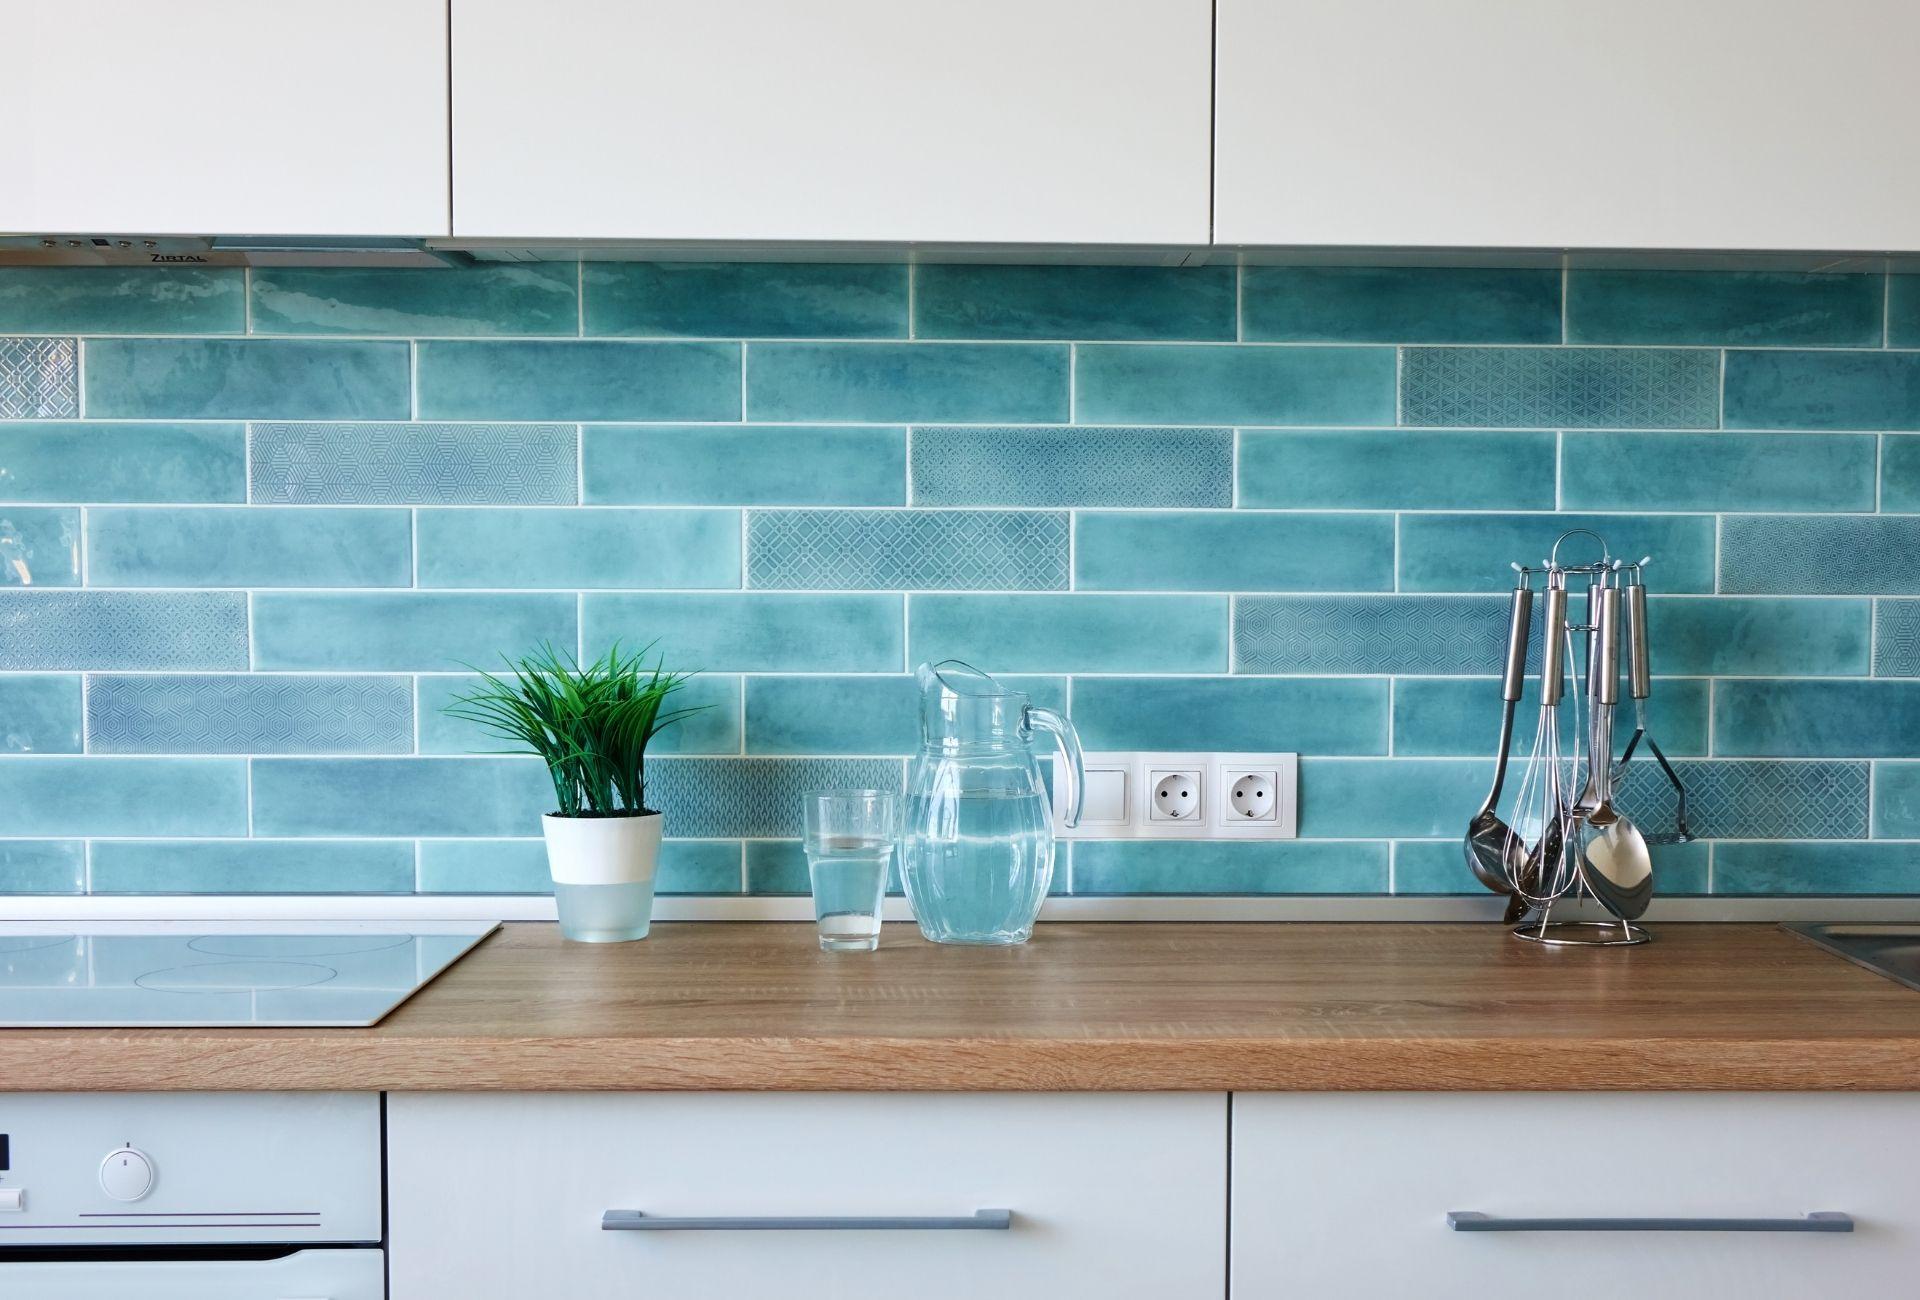 kleine keuken vrolijke tegels